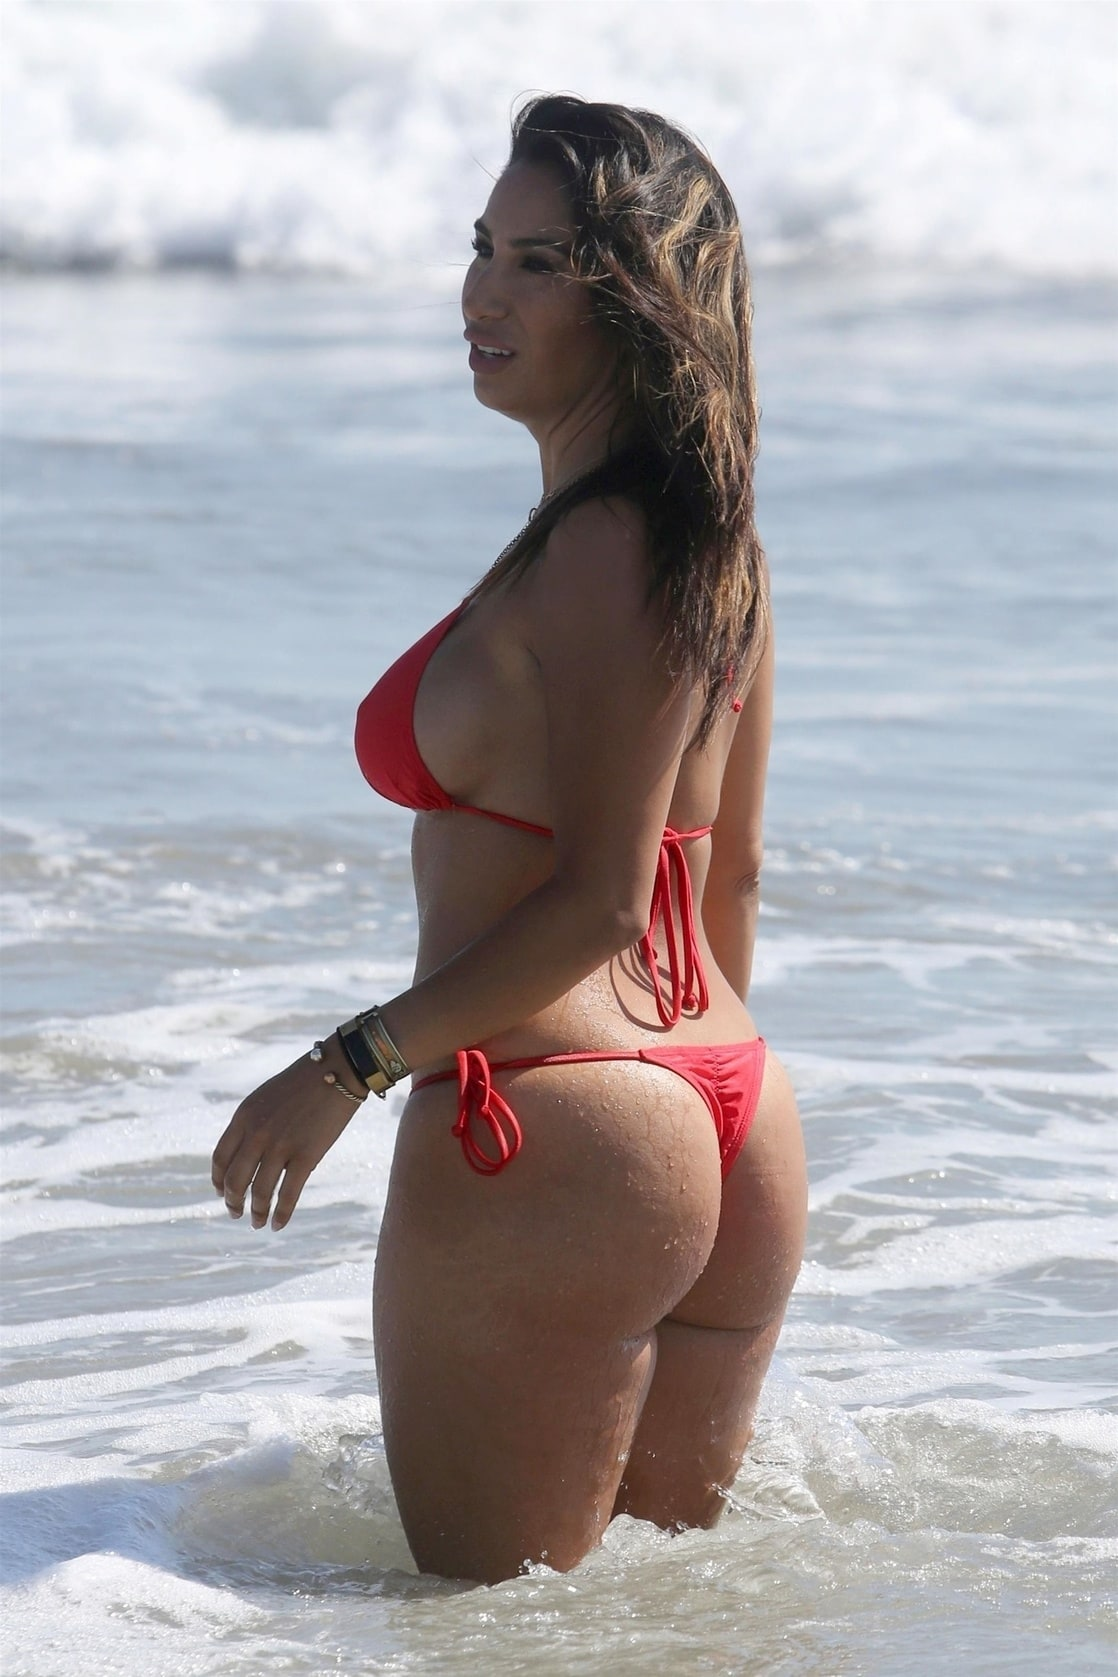 Bikini Ass Sylvie Meis  nudes (75 pics), 2019, braless